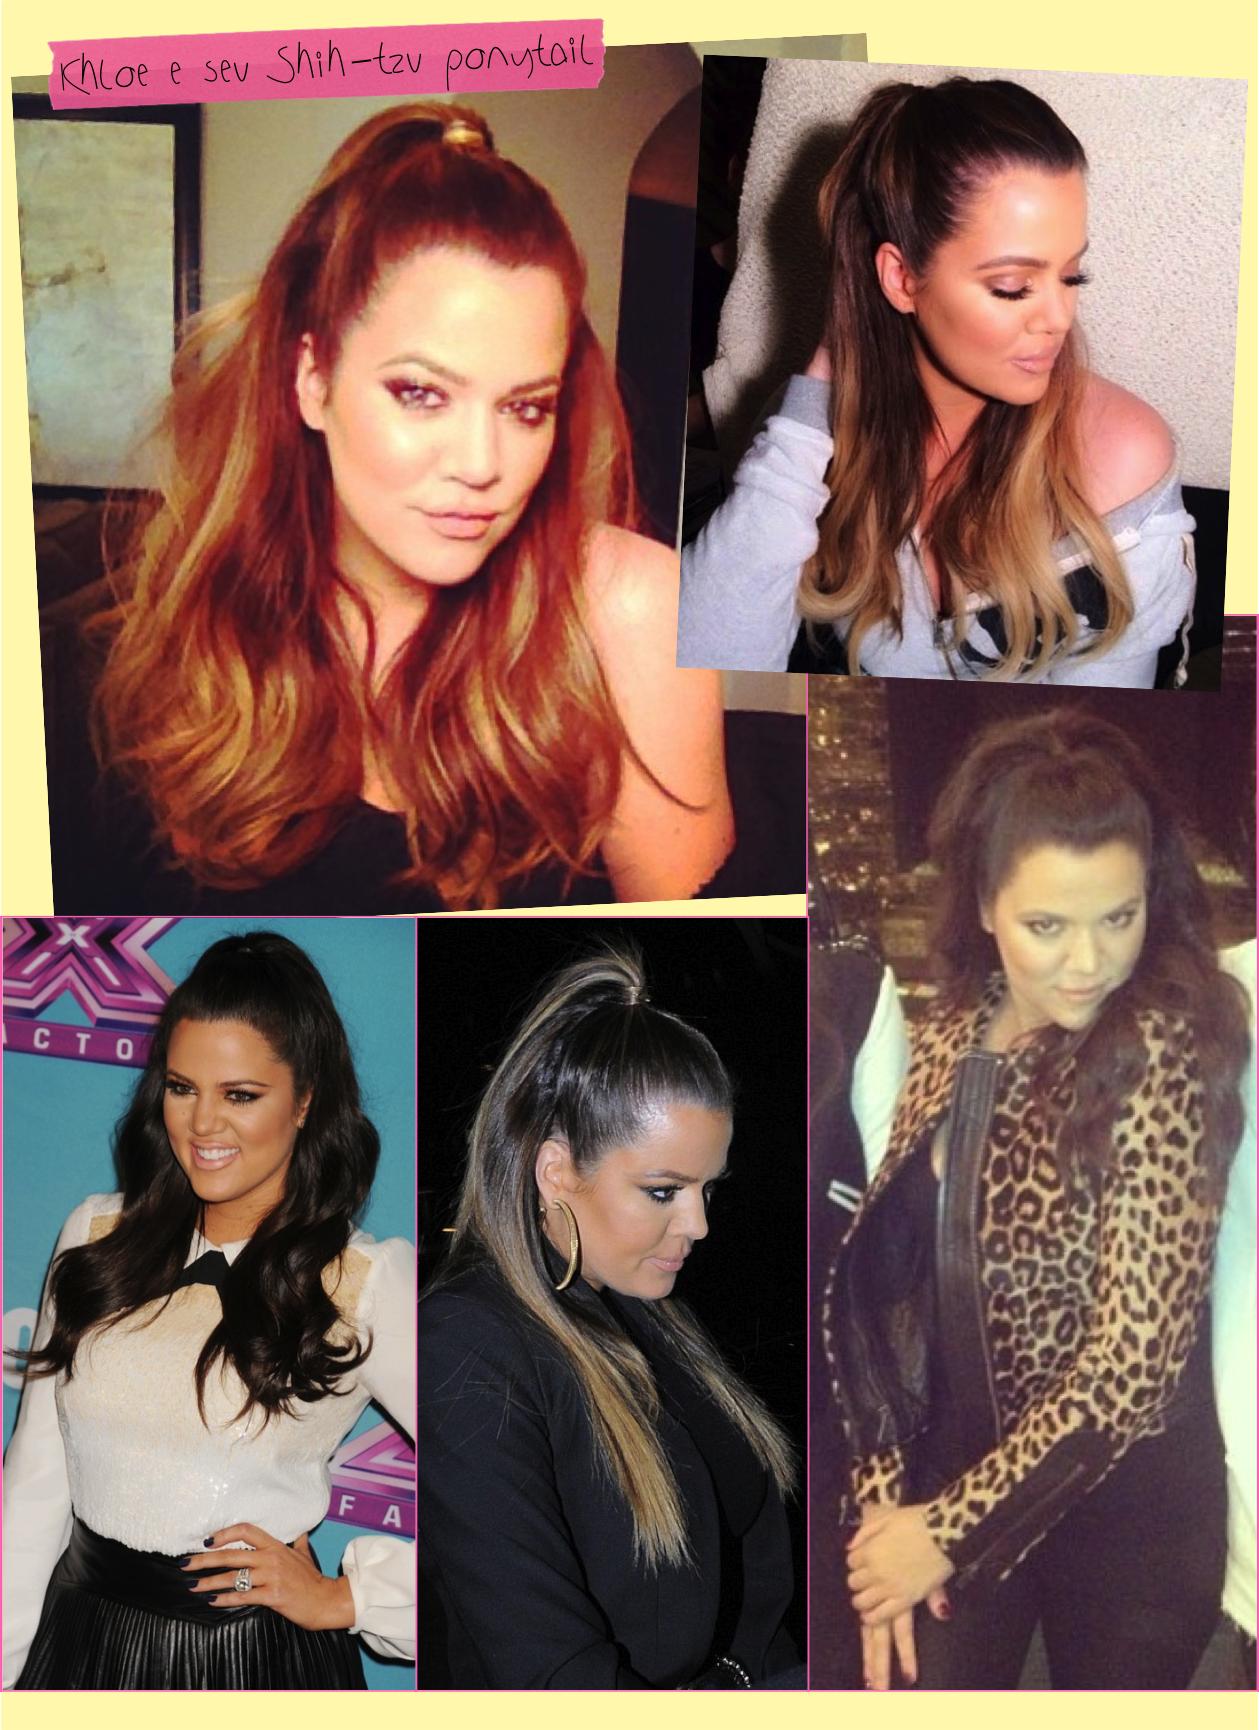 khloe-kardashian-shih-tzu-ponytail